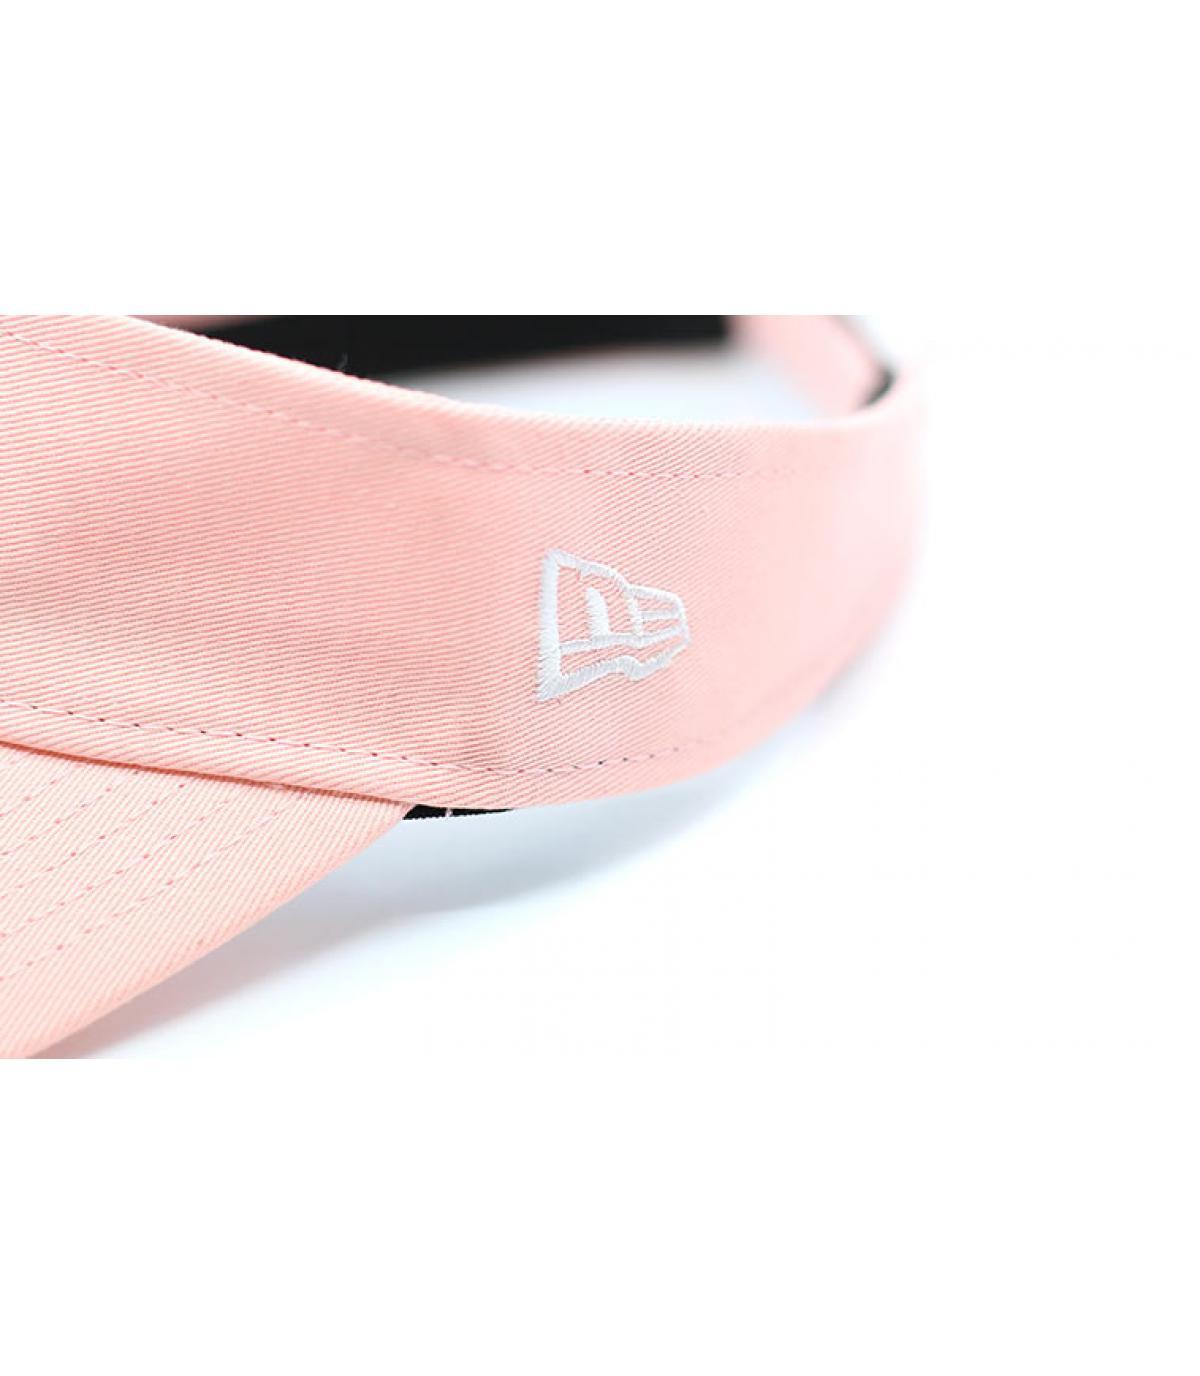 Details Wmns NE Ess Visor pink - Abbildung 3